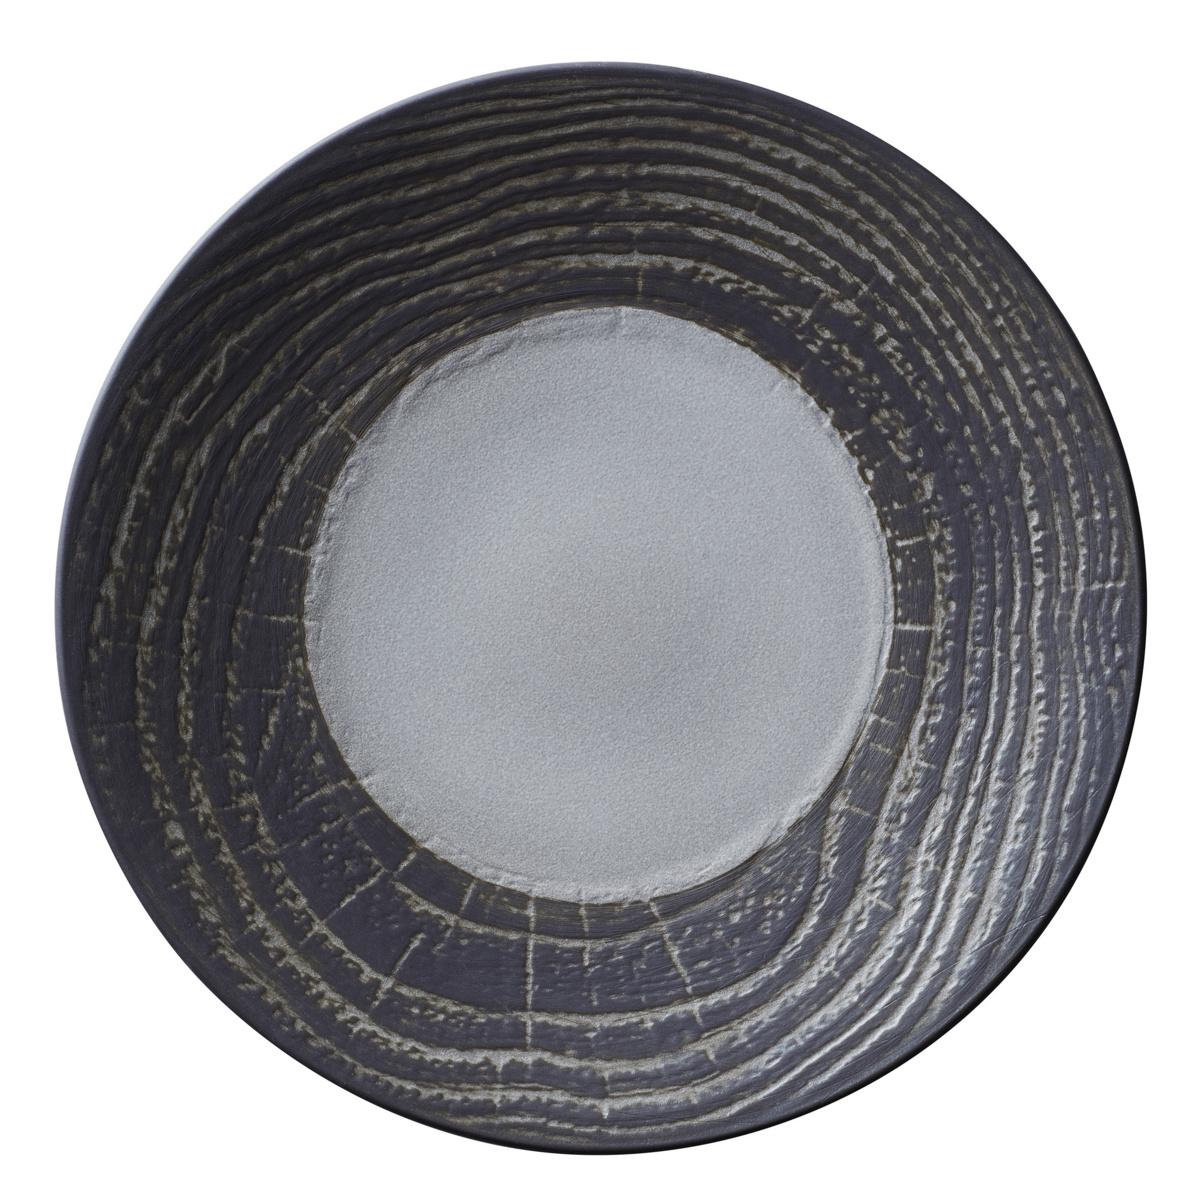 Assiette coupe plate ronde poivre porcelaine Ø 21,50 cm Arborescence Revol